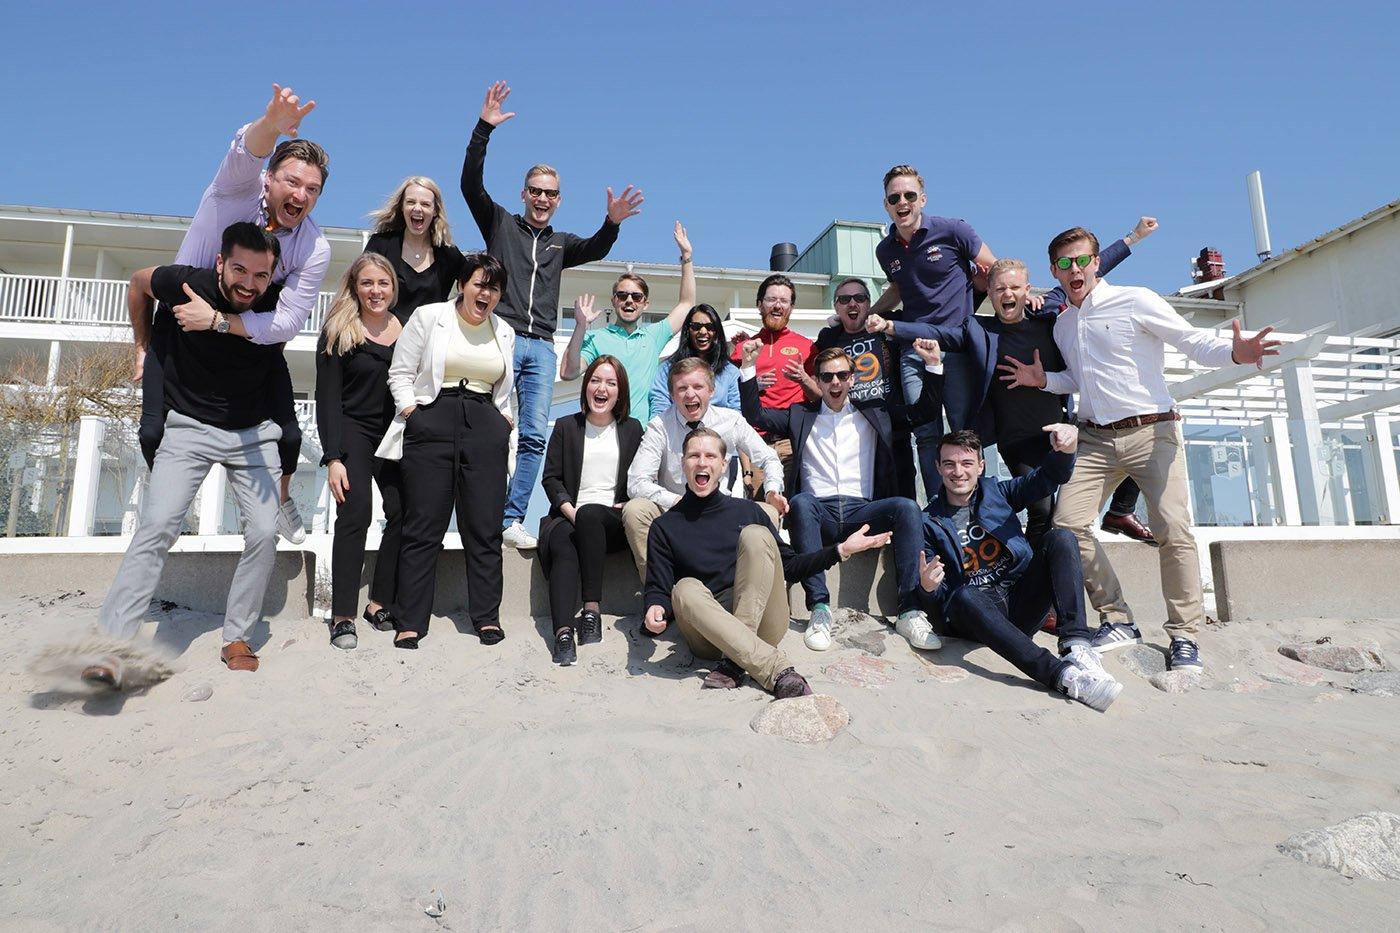 glada-medarbetare-på-en-strand